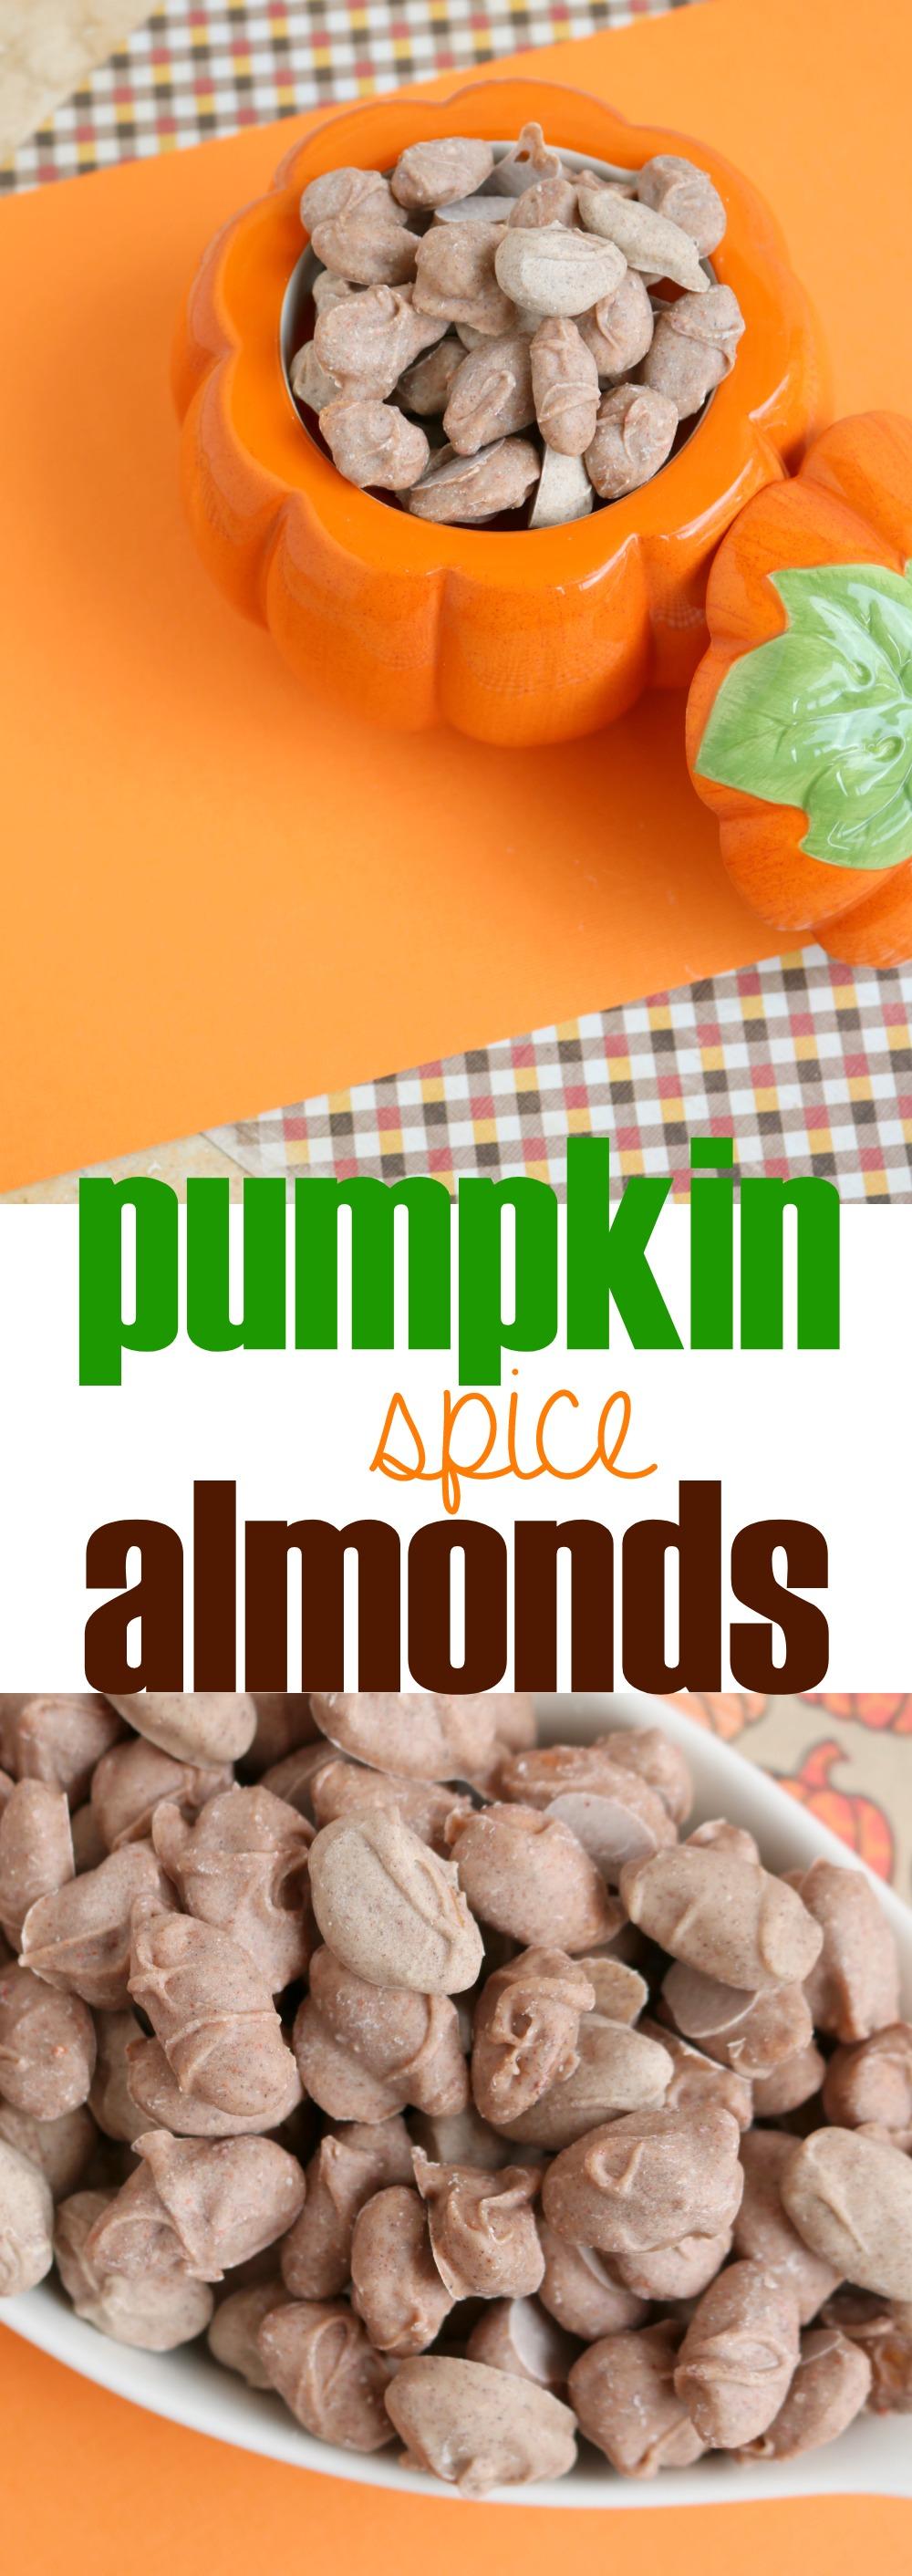 How to Make Pumpkin Spice Almonds   SensiblySara.com